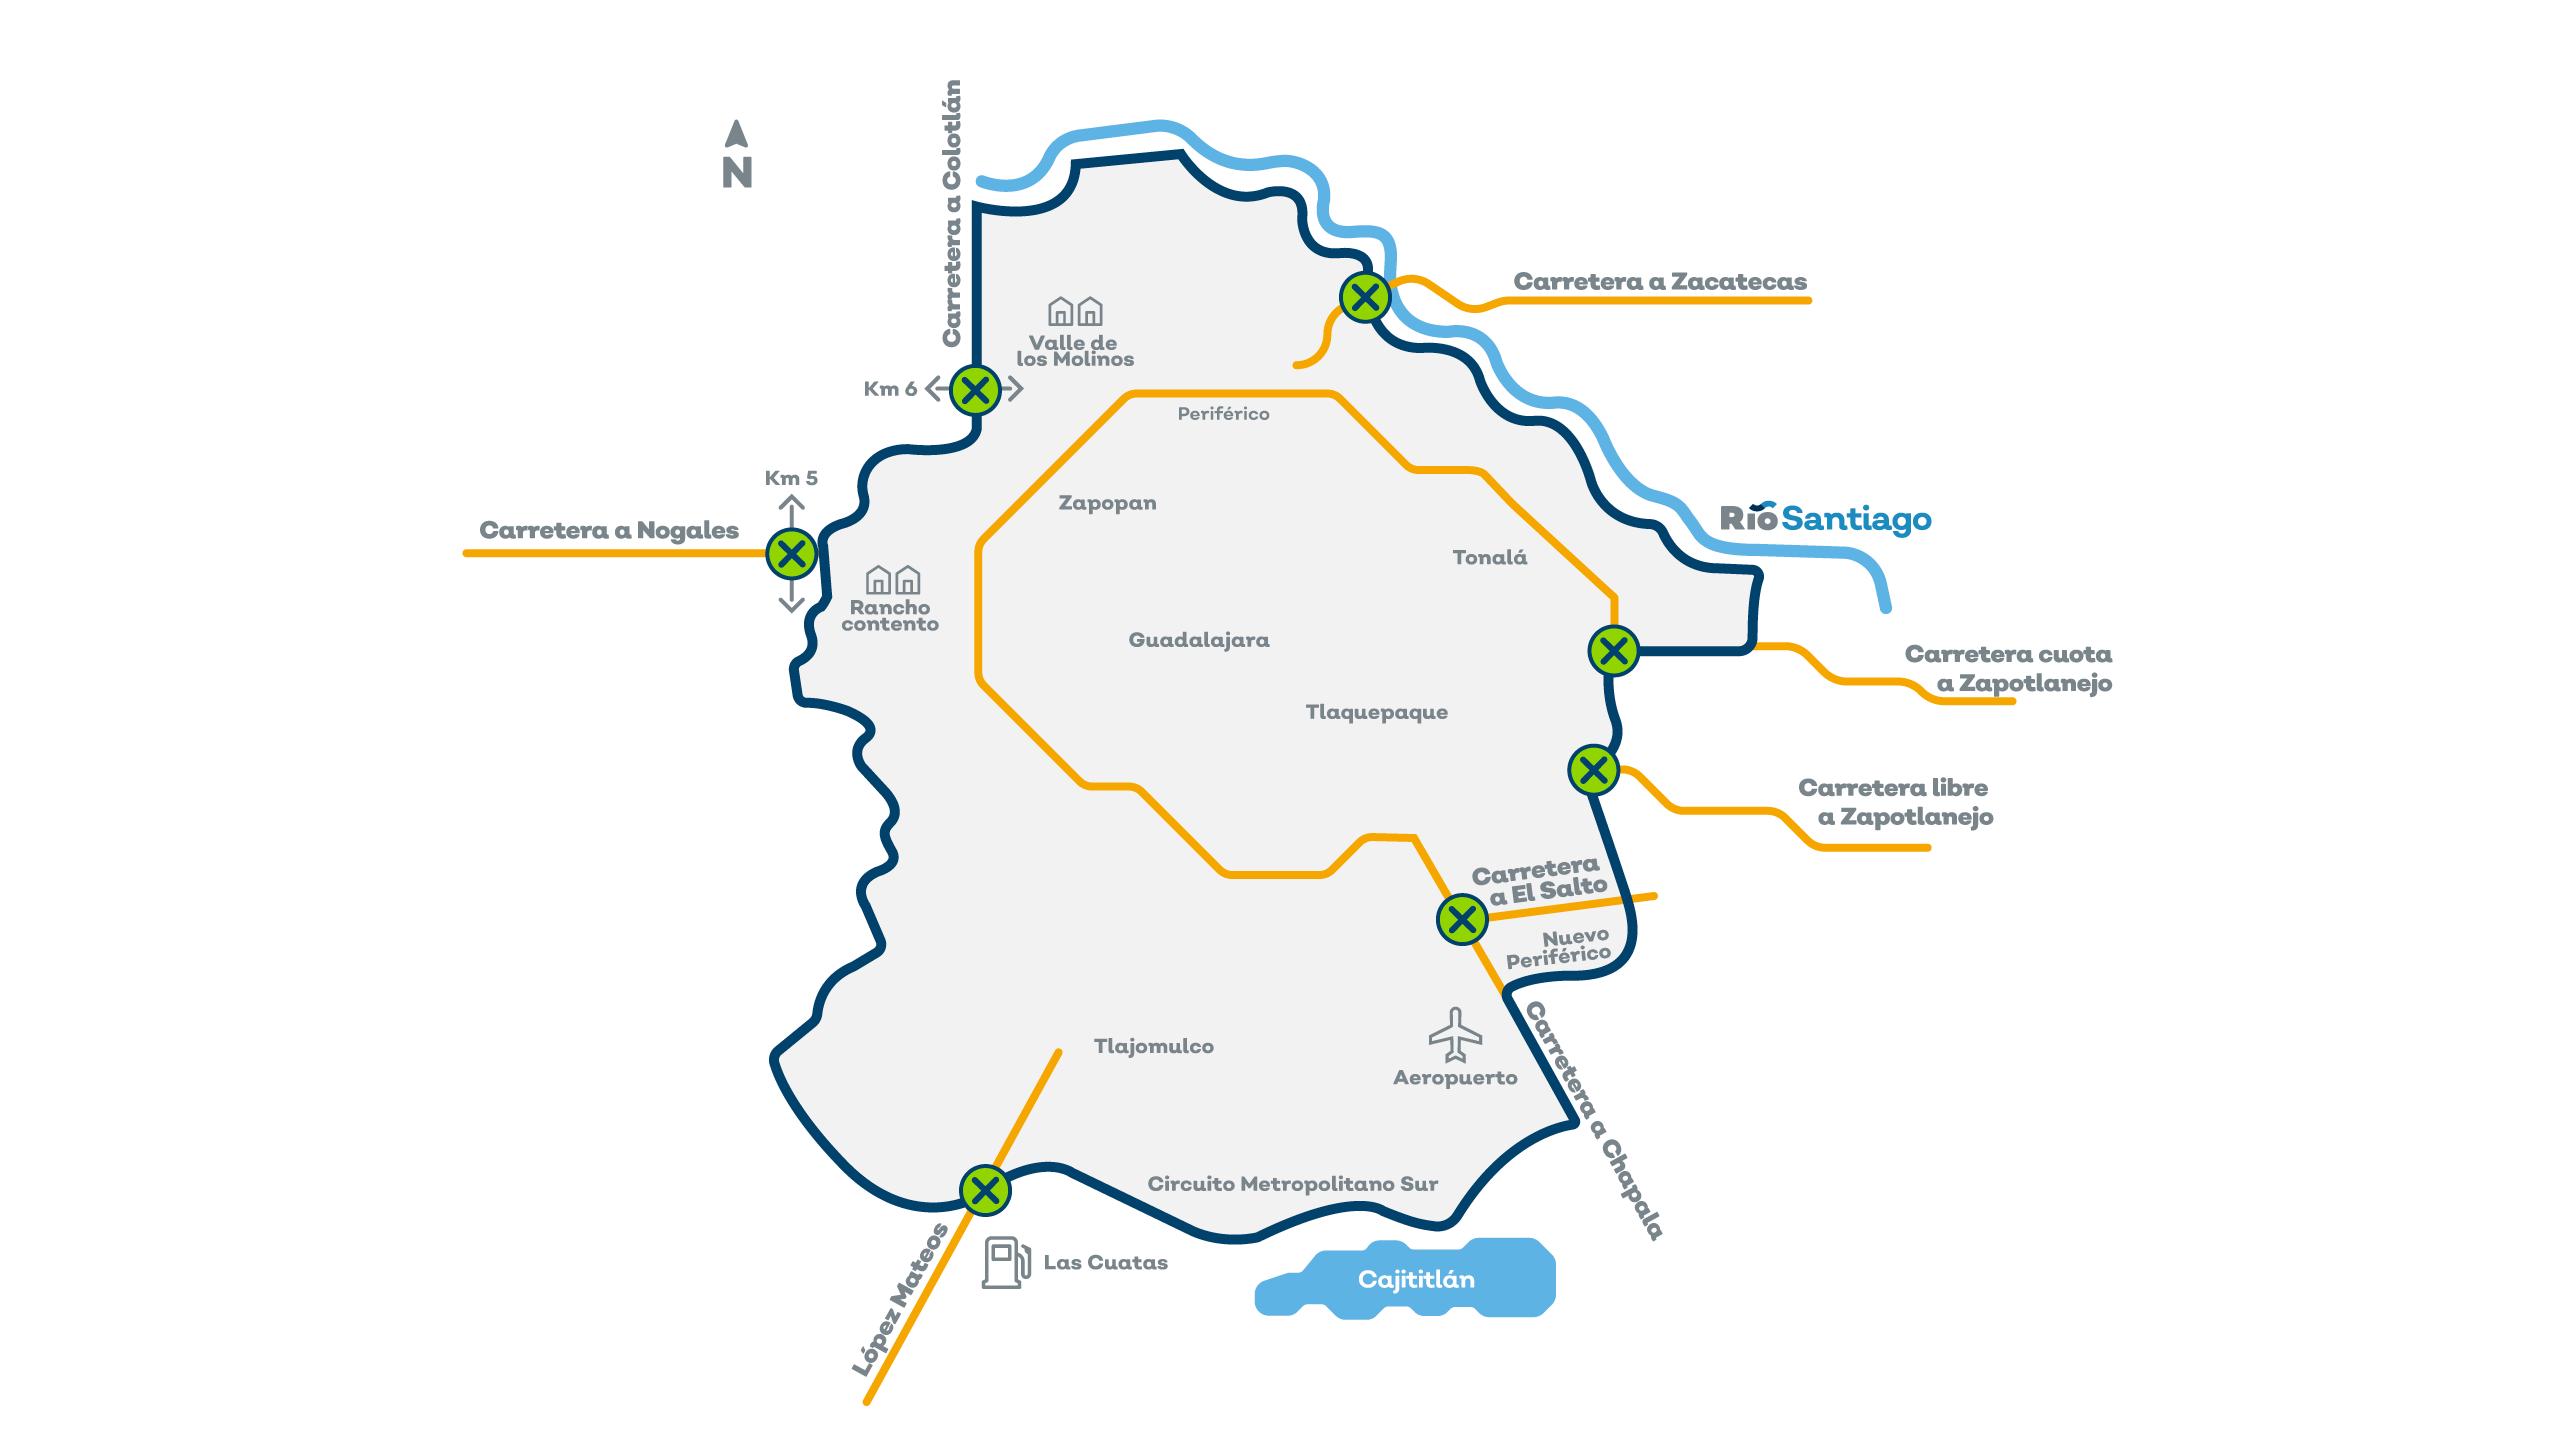 Mañana inician las restricciones para el transporte de carga pesada en el Área Metropolitana de Guadalajara (AMG)